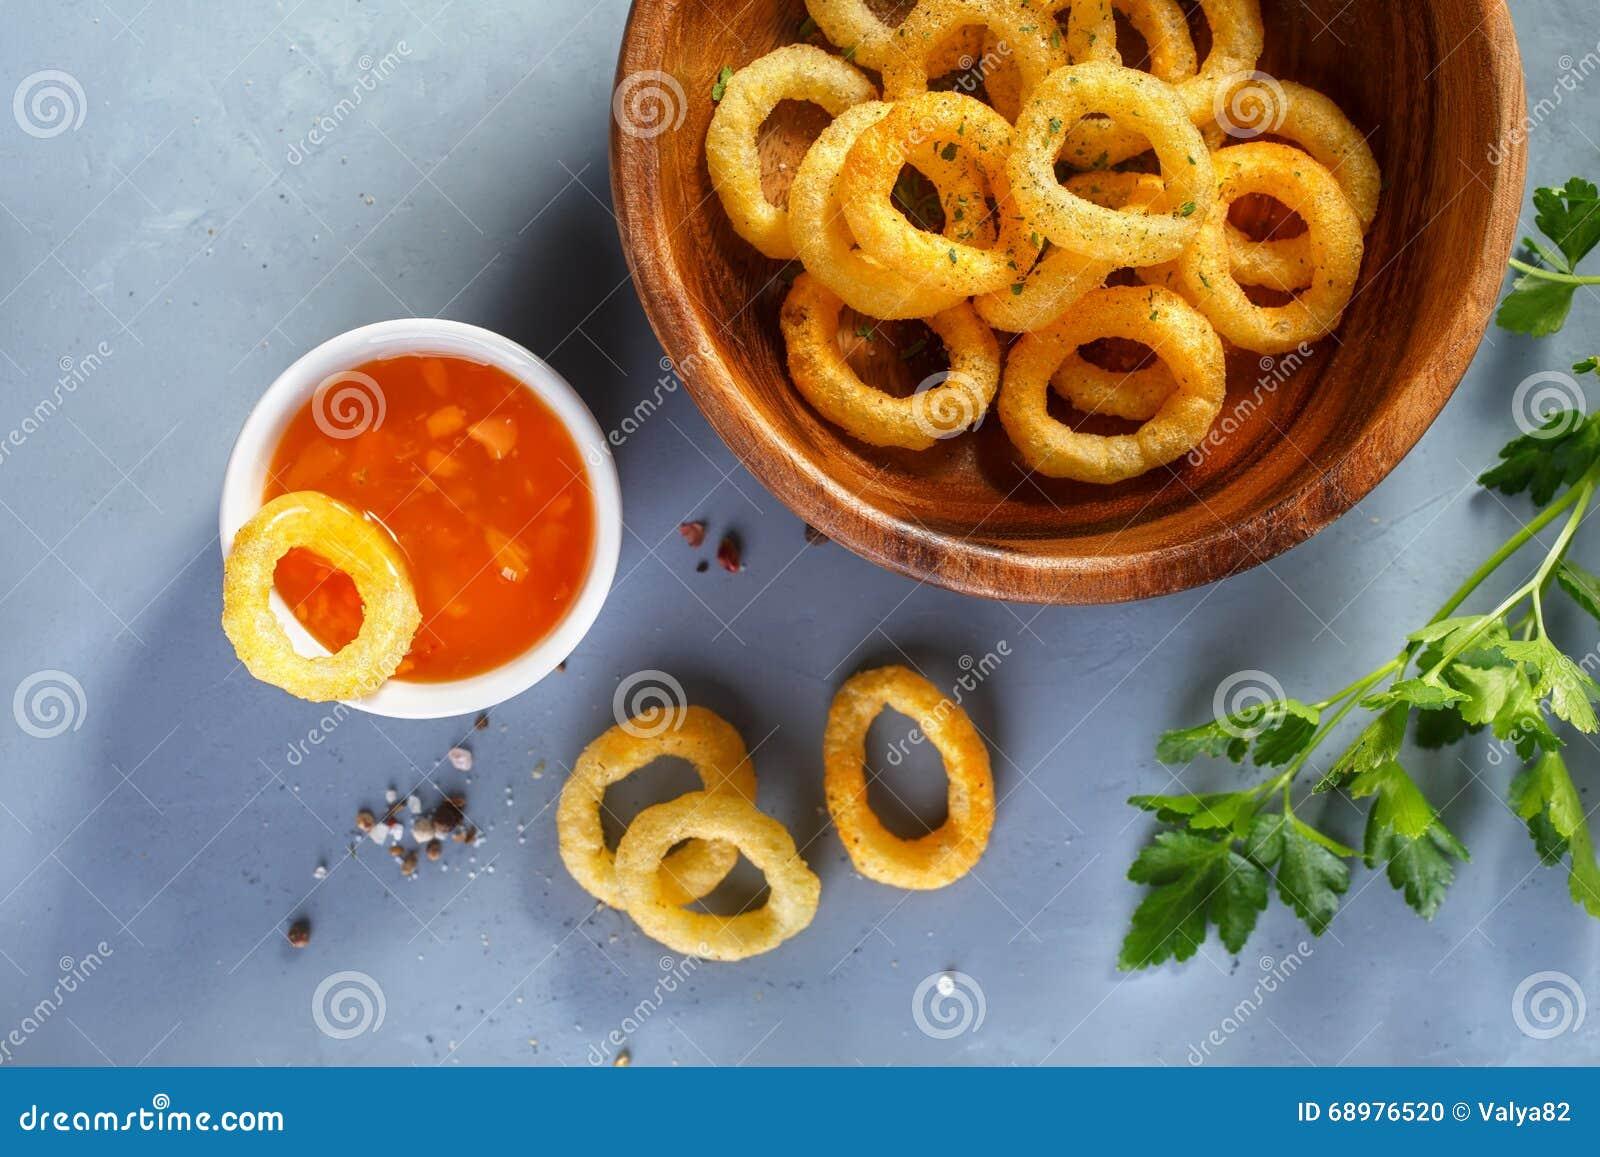 Anillos de cebolla fritos